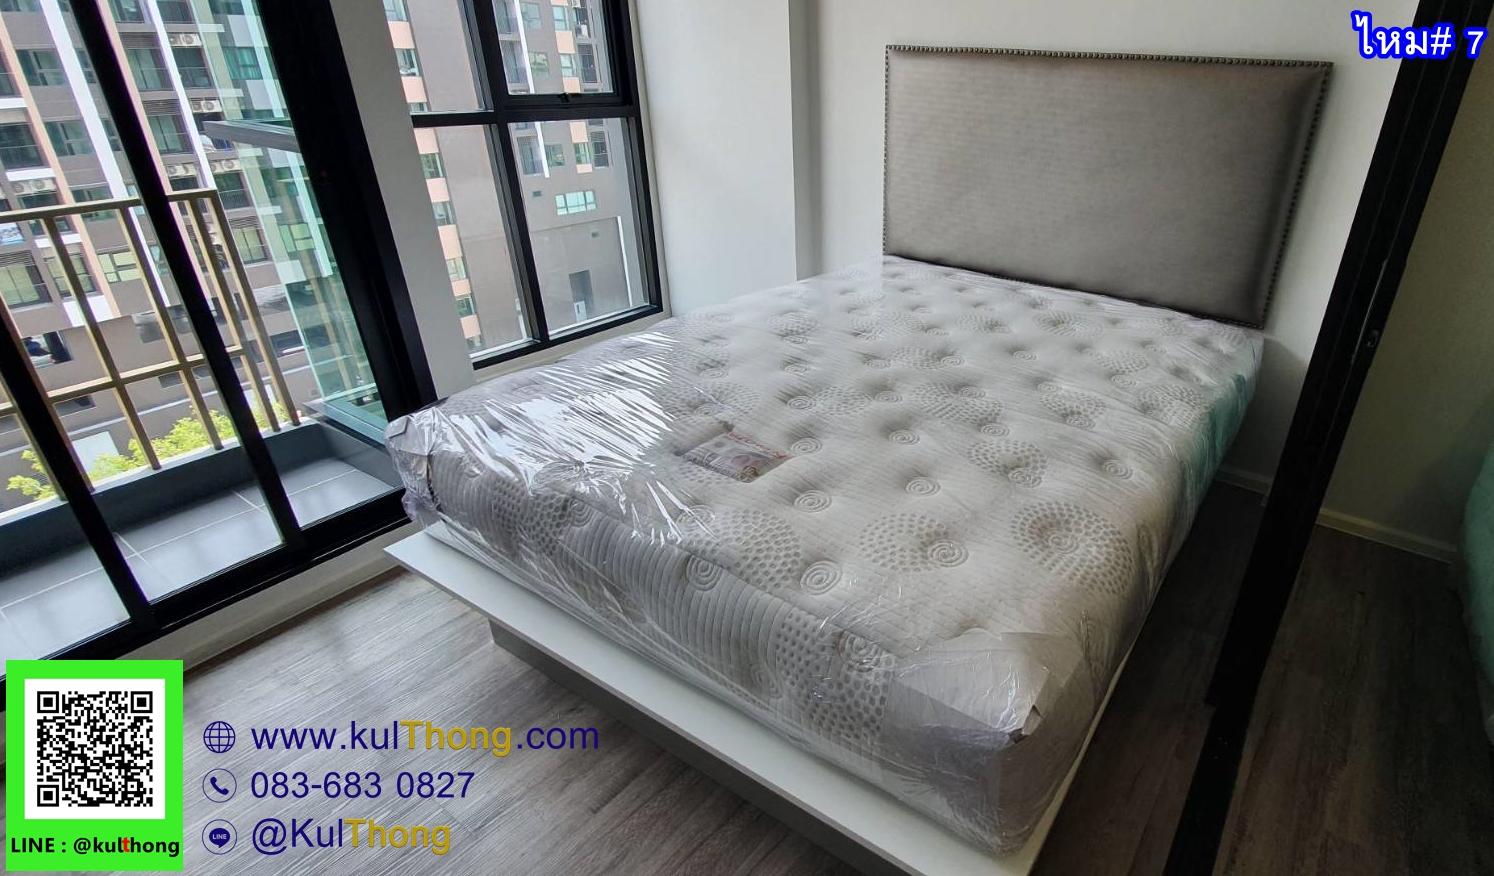 บุหัวเตียง หัวเตียงแยกขาย แผ่นหัวเตียง